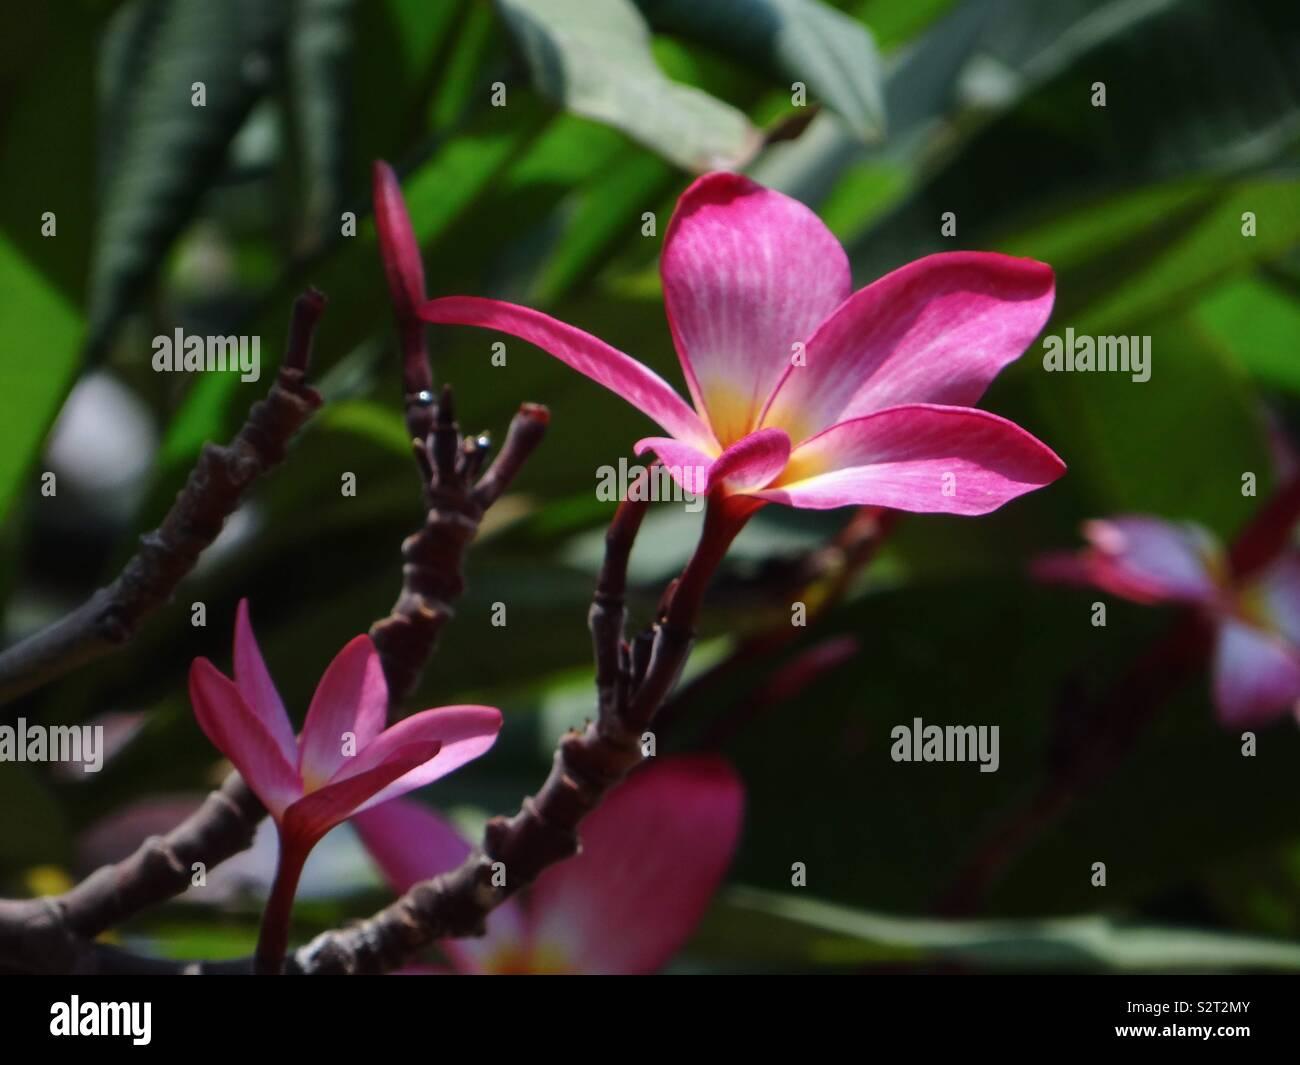 Fleurs de frangipanier rose Photo Stock